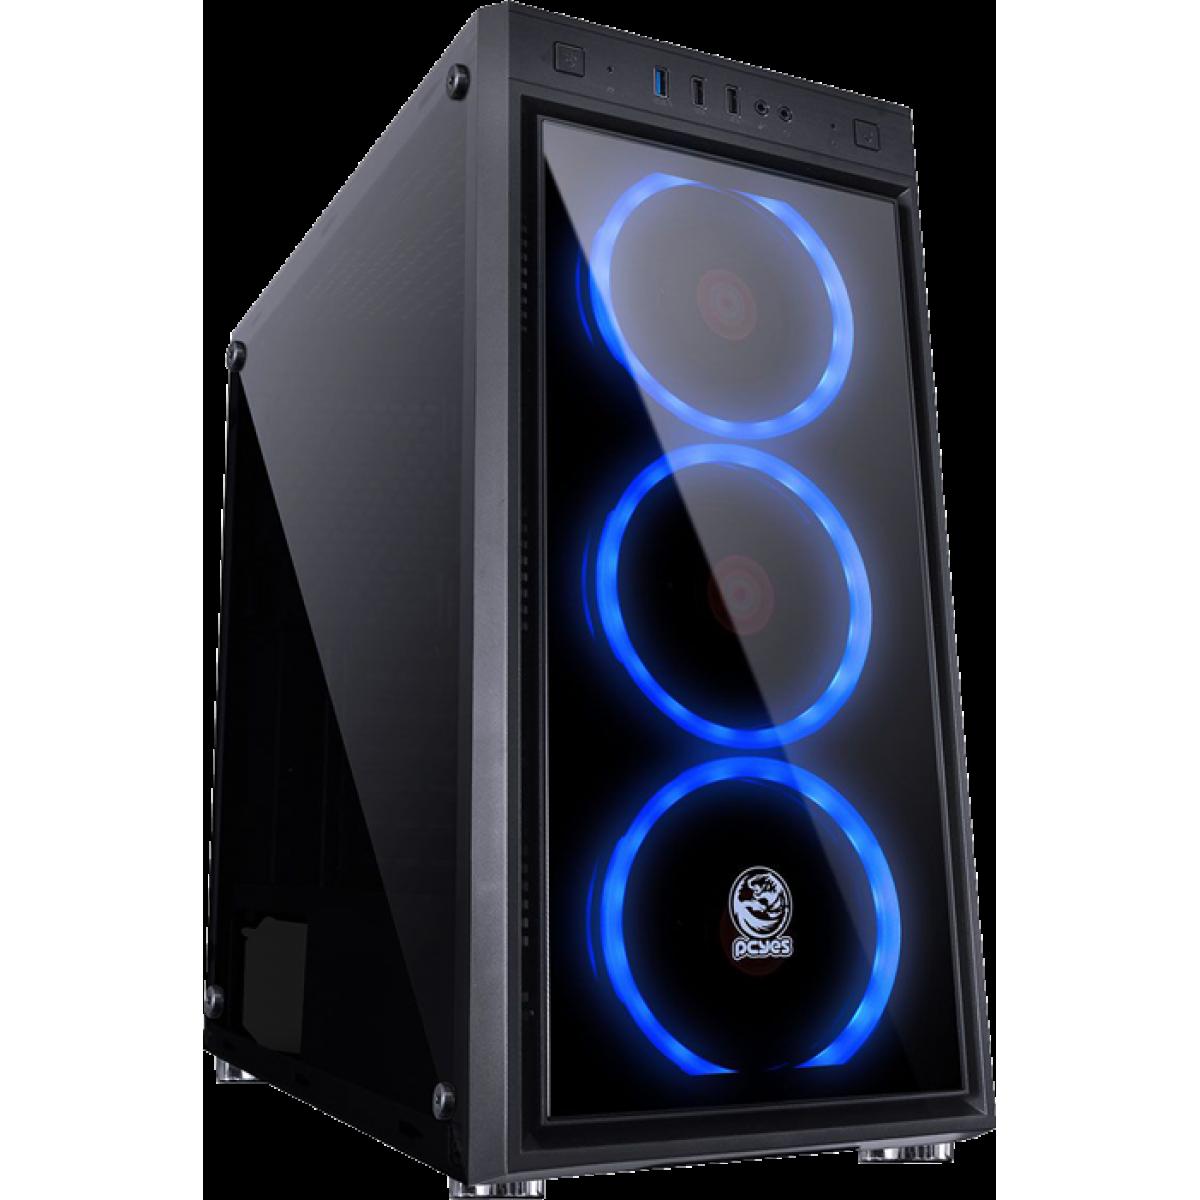 Gabinete Gamer PCyes Jupiter Vidro Temperado Mid Tower JUPPTAZ3FCV c/ 3 Fan LED Azul S/ Fonte Preto